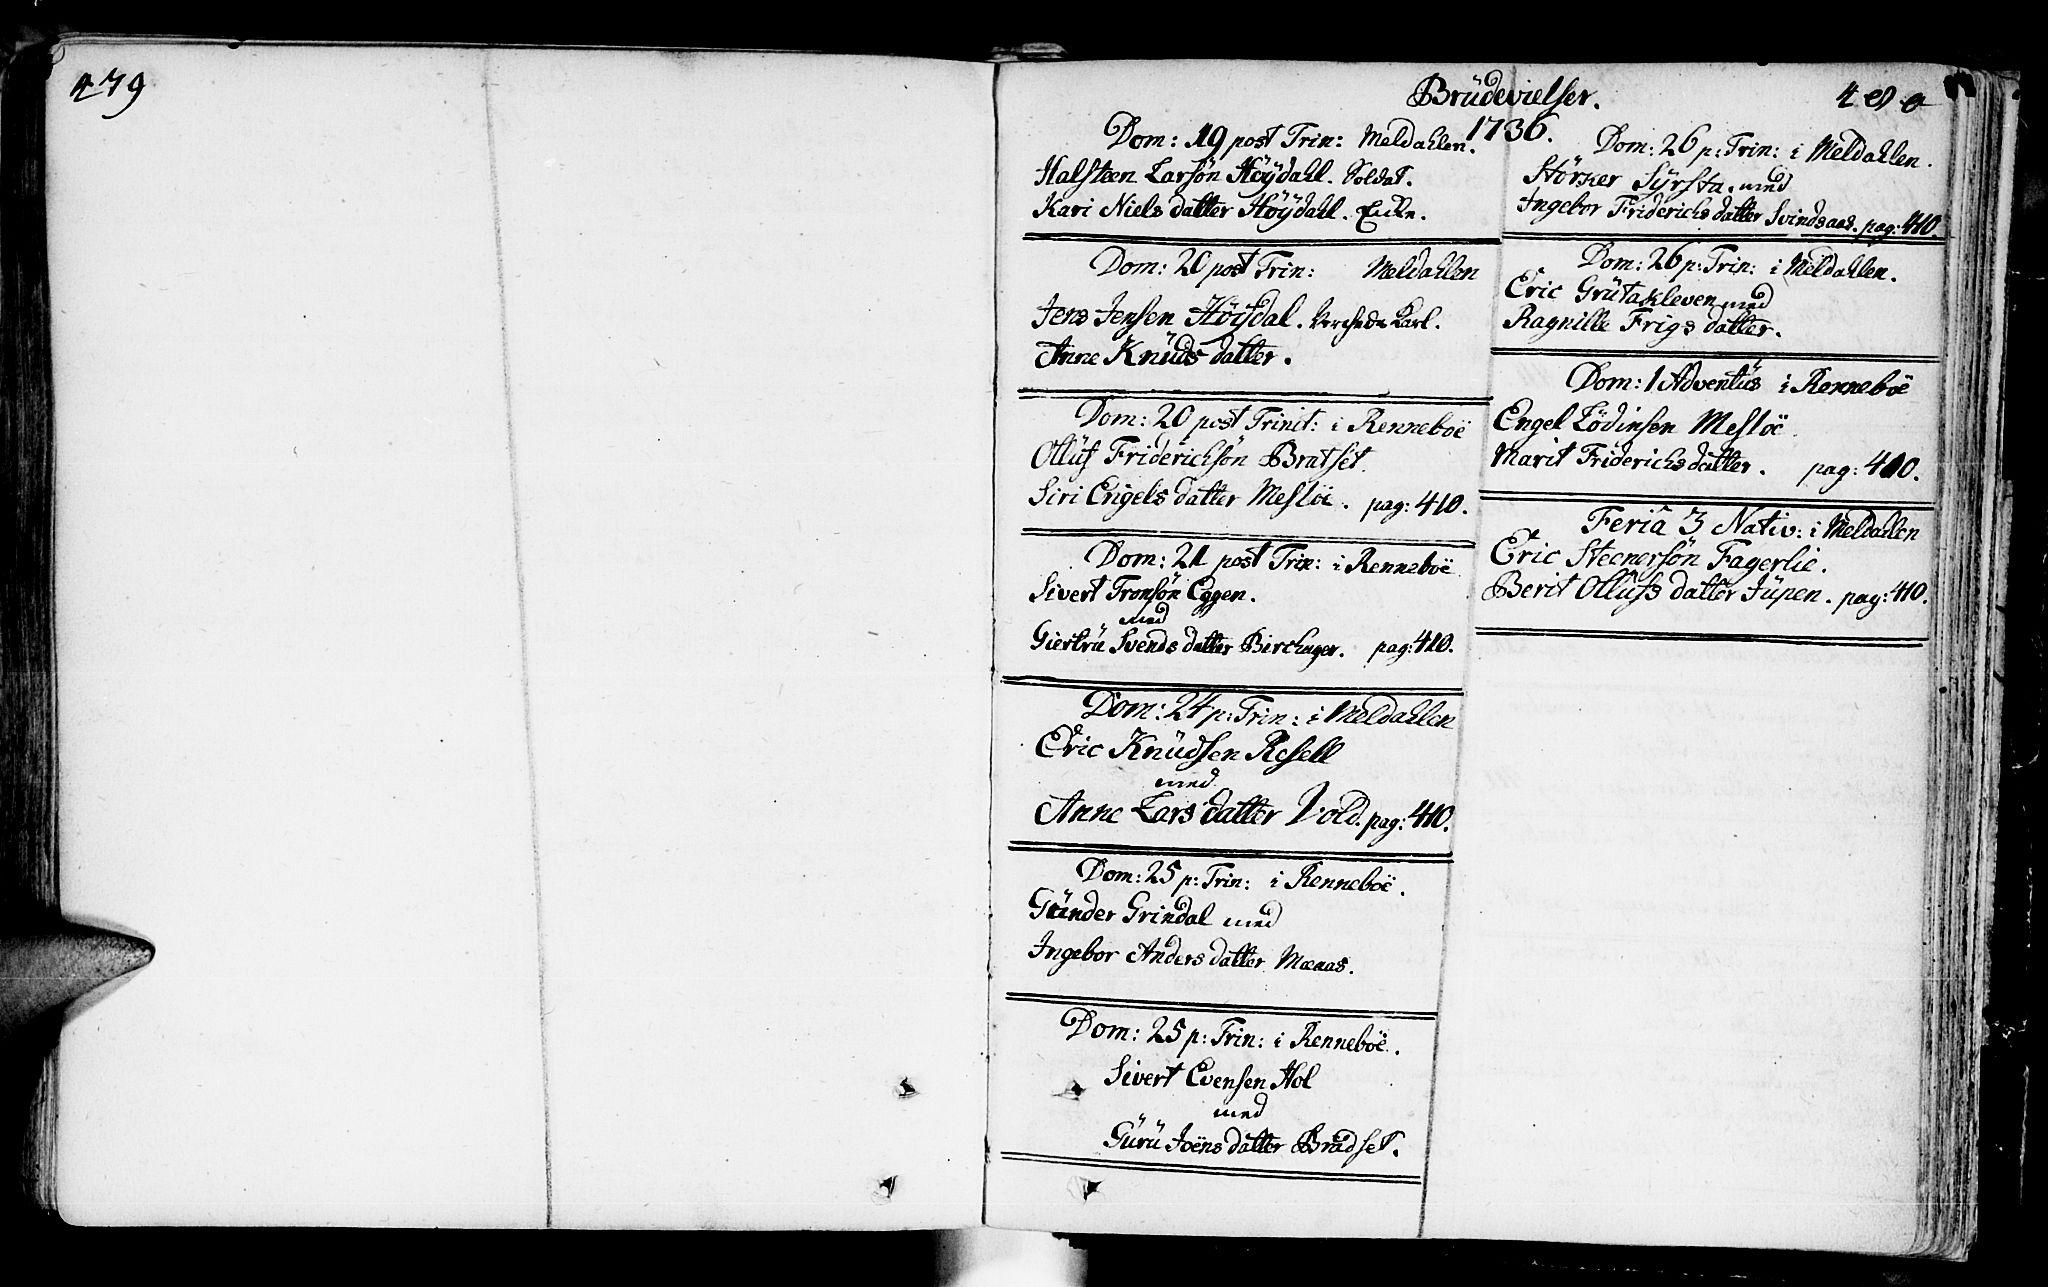 SAT, Ministerialprotokoller, klokkerbøker og fødselsregistre - Sør-Trøndelag, 672/L0850: Ministerialbok nr. 672A03, 1725-1751, s. 479-480